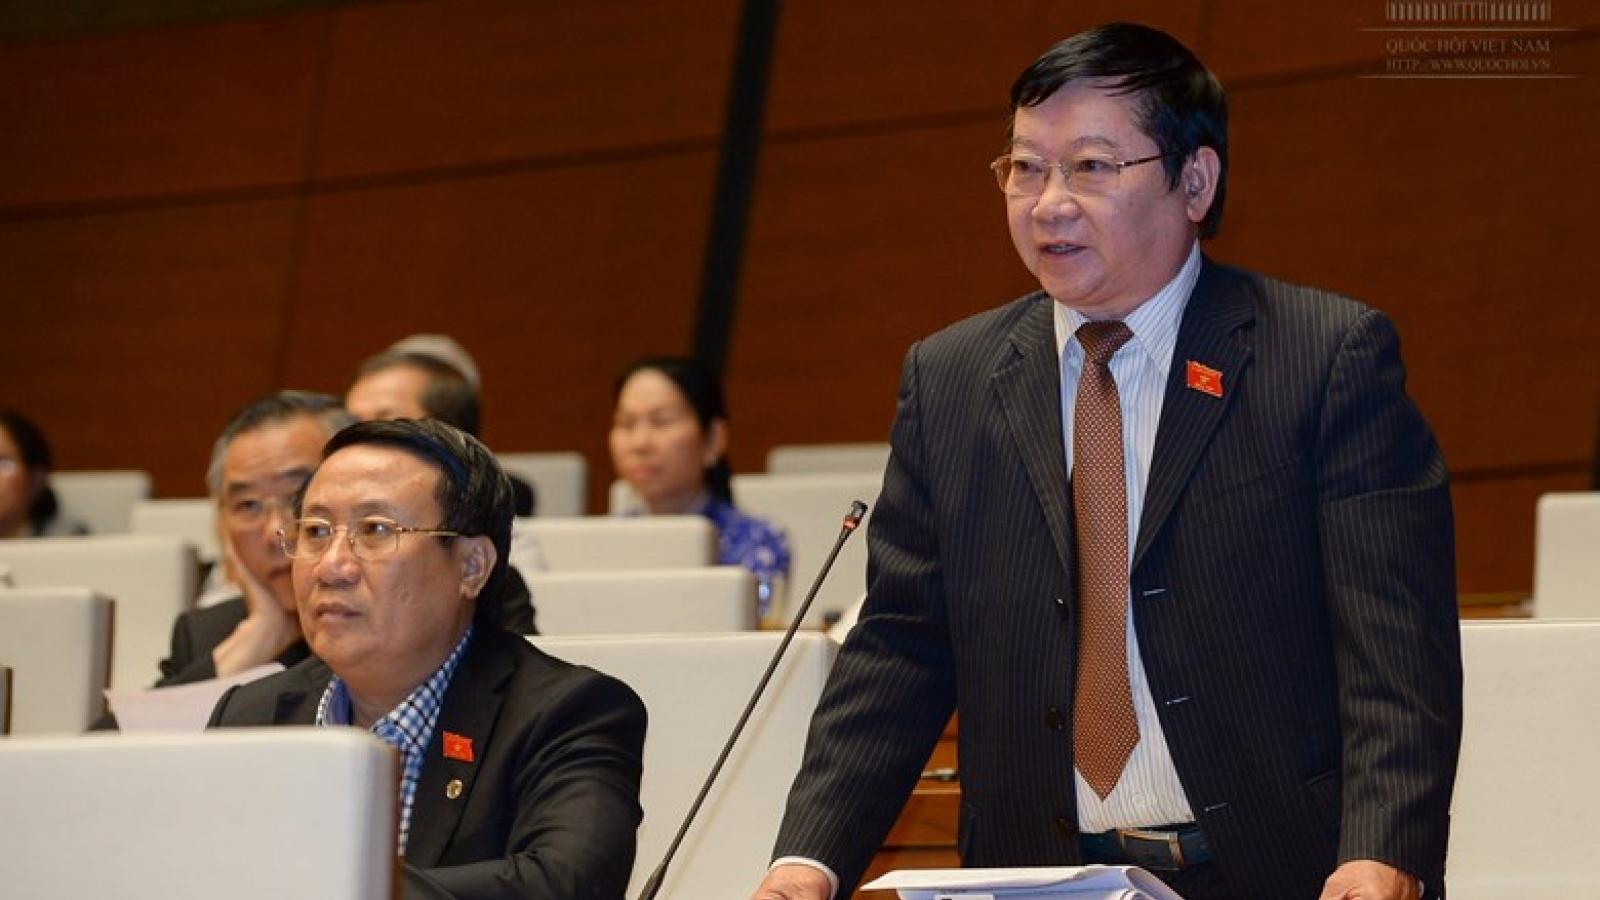 Tự ứng cử vào Quốc hội và HĐND: Dân ủng hộ những đại biểu bản lĩnh, trí tuệ, tài năng